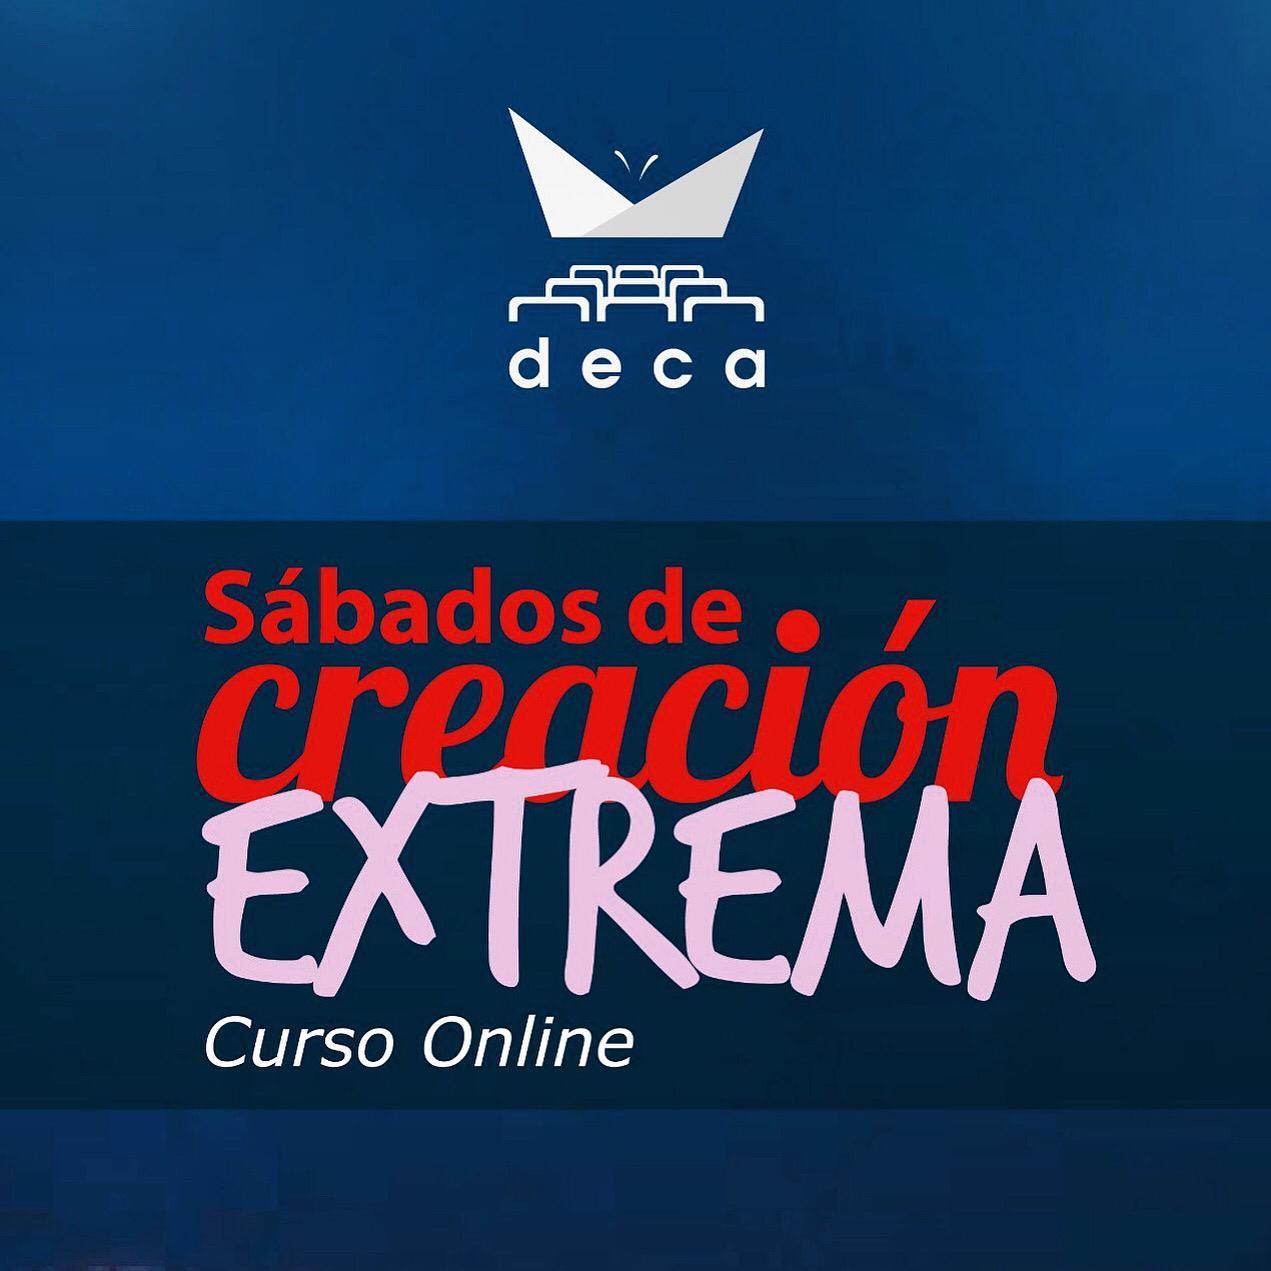 creacion extrema